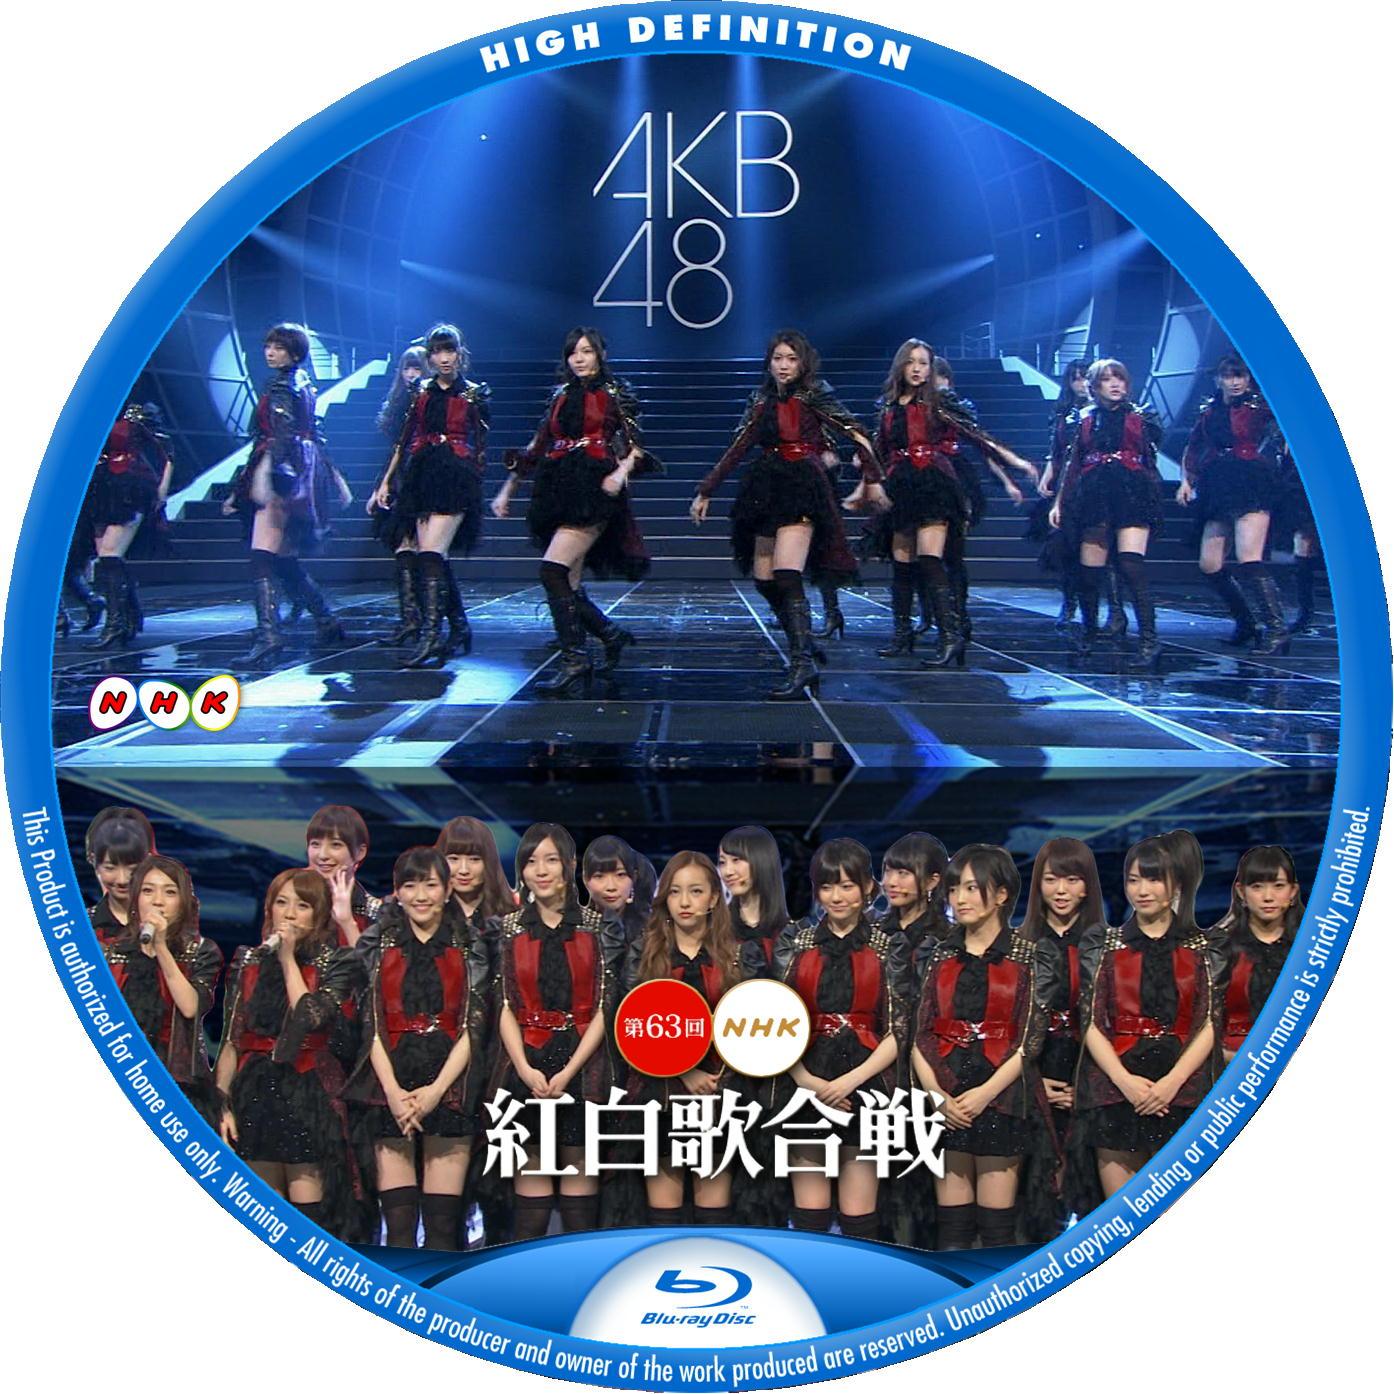 紅白歌合戦 AKB48 v1<br /> BDラベル